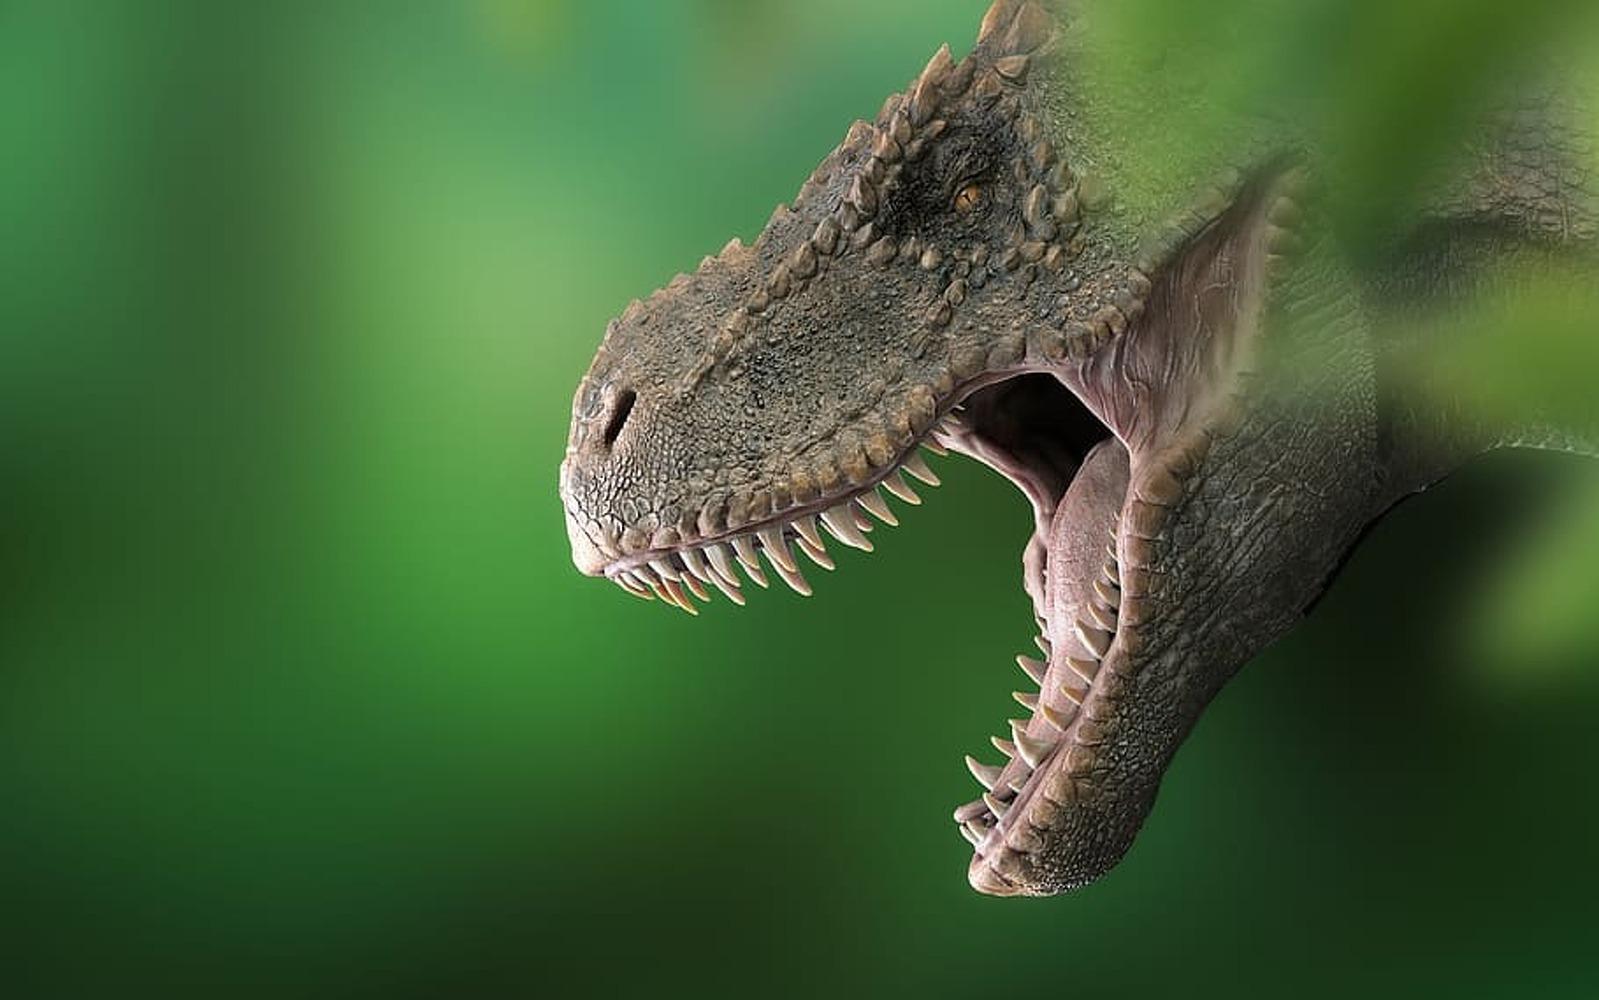 Reproducció artística d'un tiranosaure rex